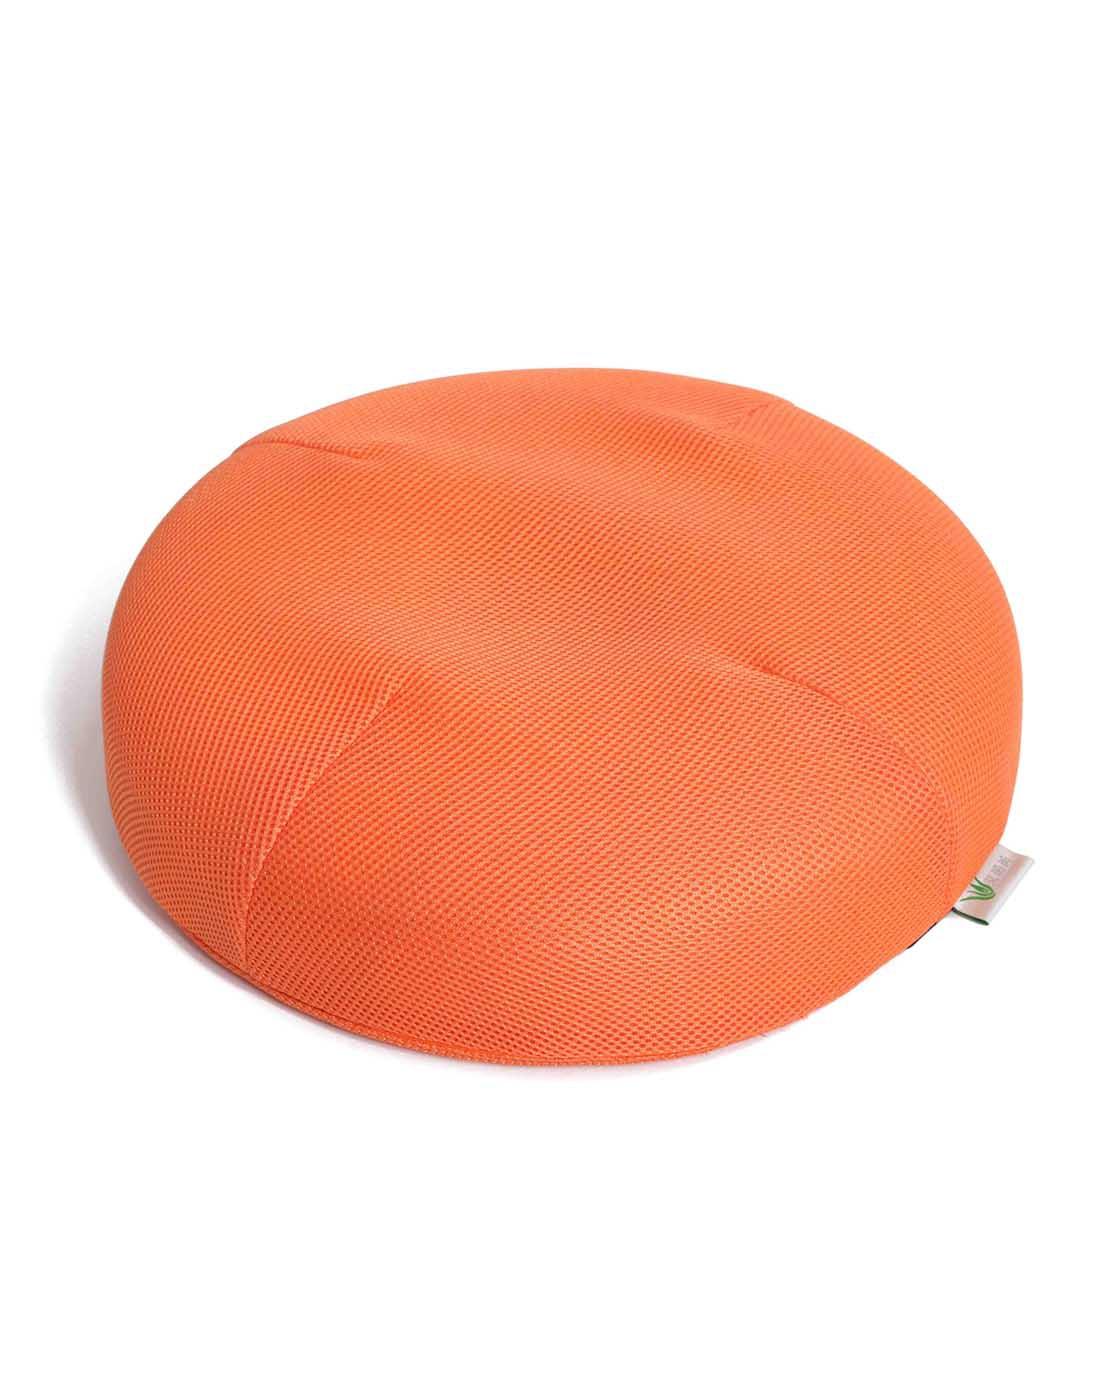 38*38*8cm3d网布圆形坐垫(橘色)